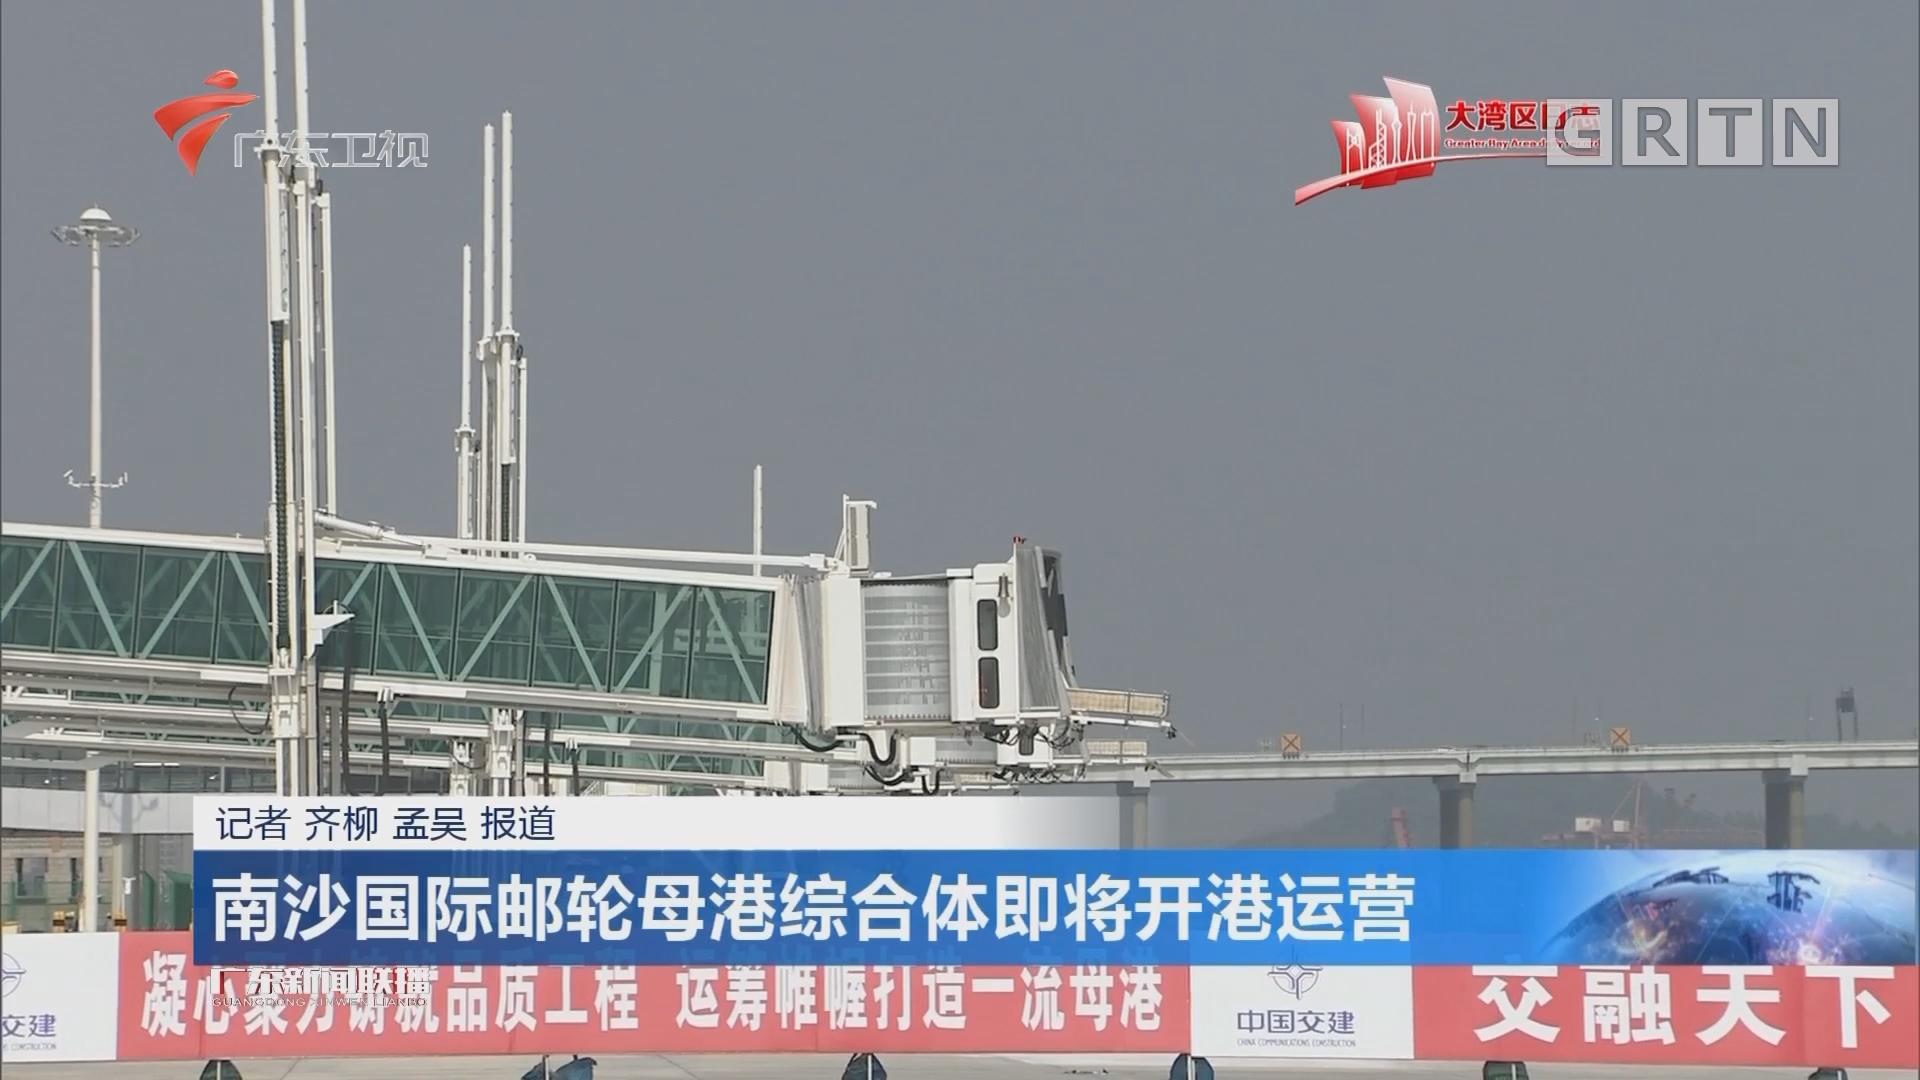 南沙国际邮轮母港综合体即将开港运营